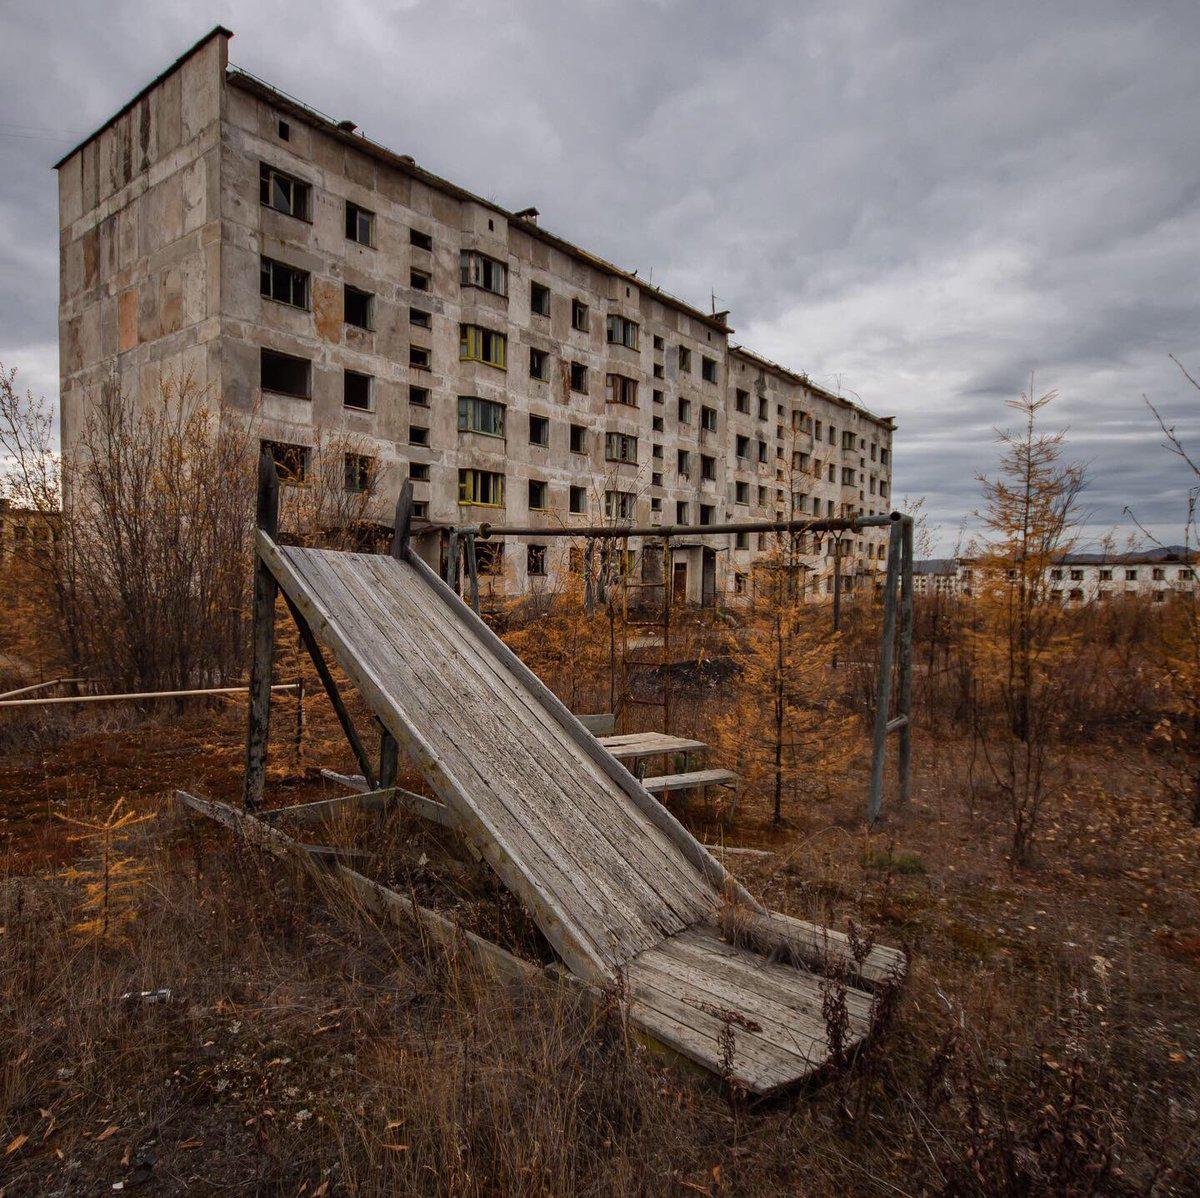 его начинается заброшенные города россии фото с названиями делает профессиональный боксер